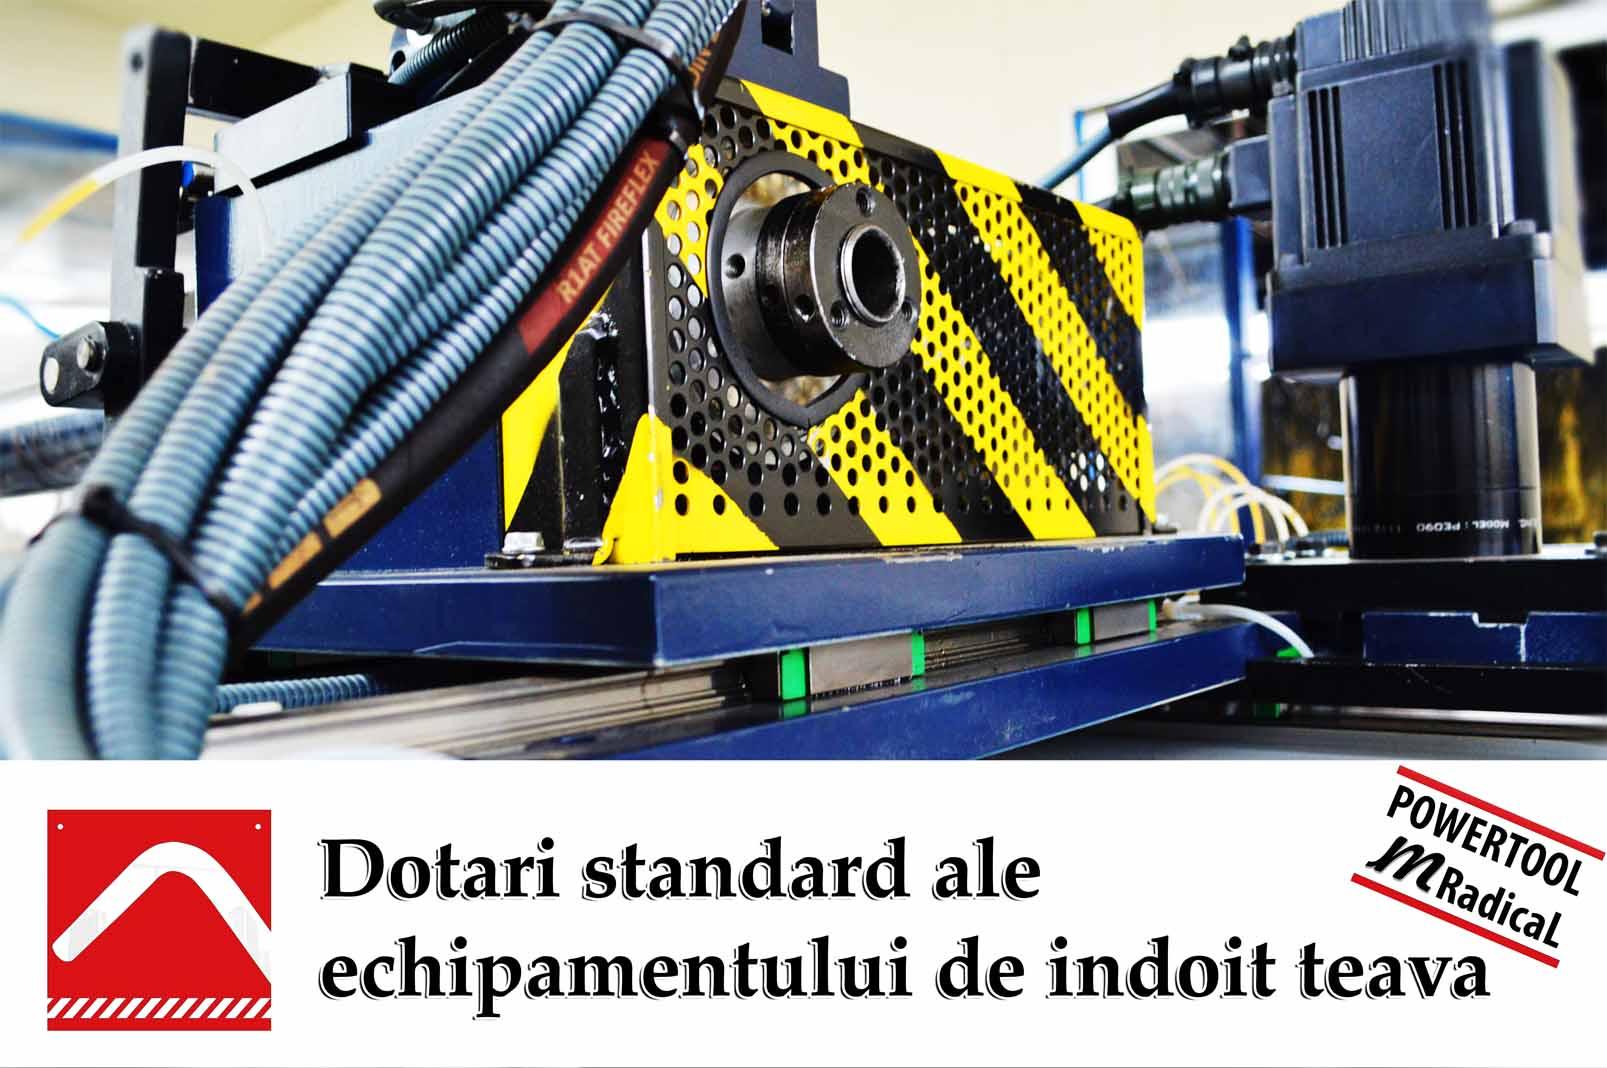 Dotari standard ale echipamentului de indoit teava: